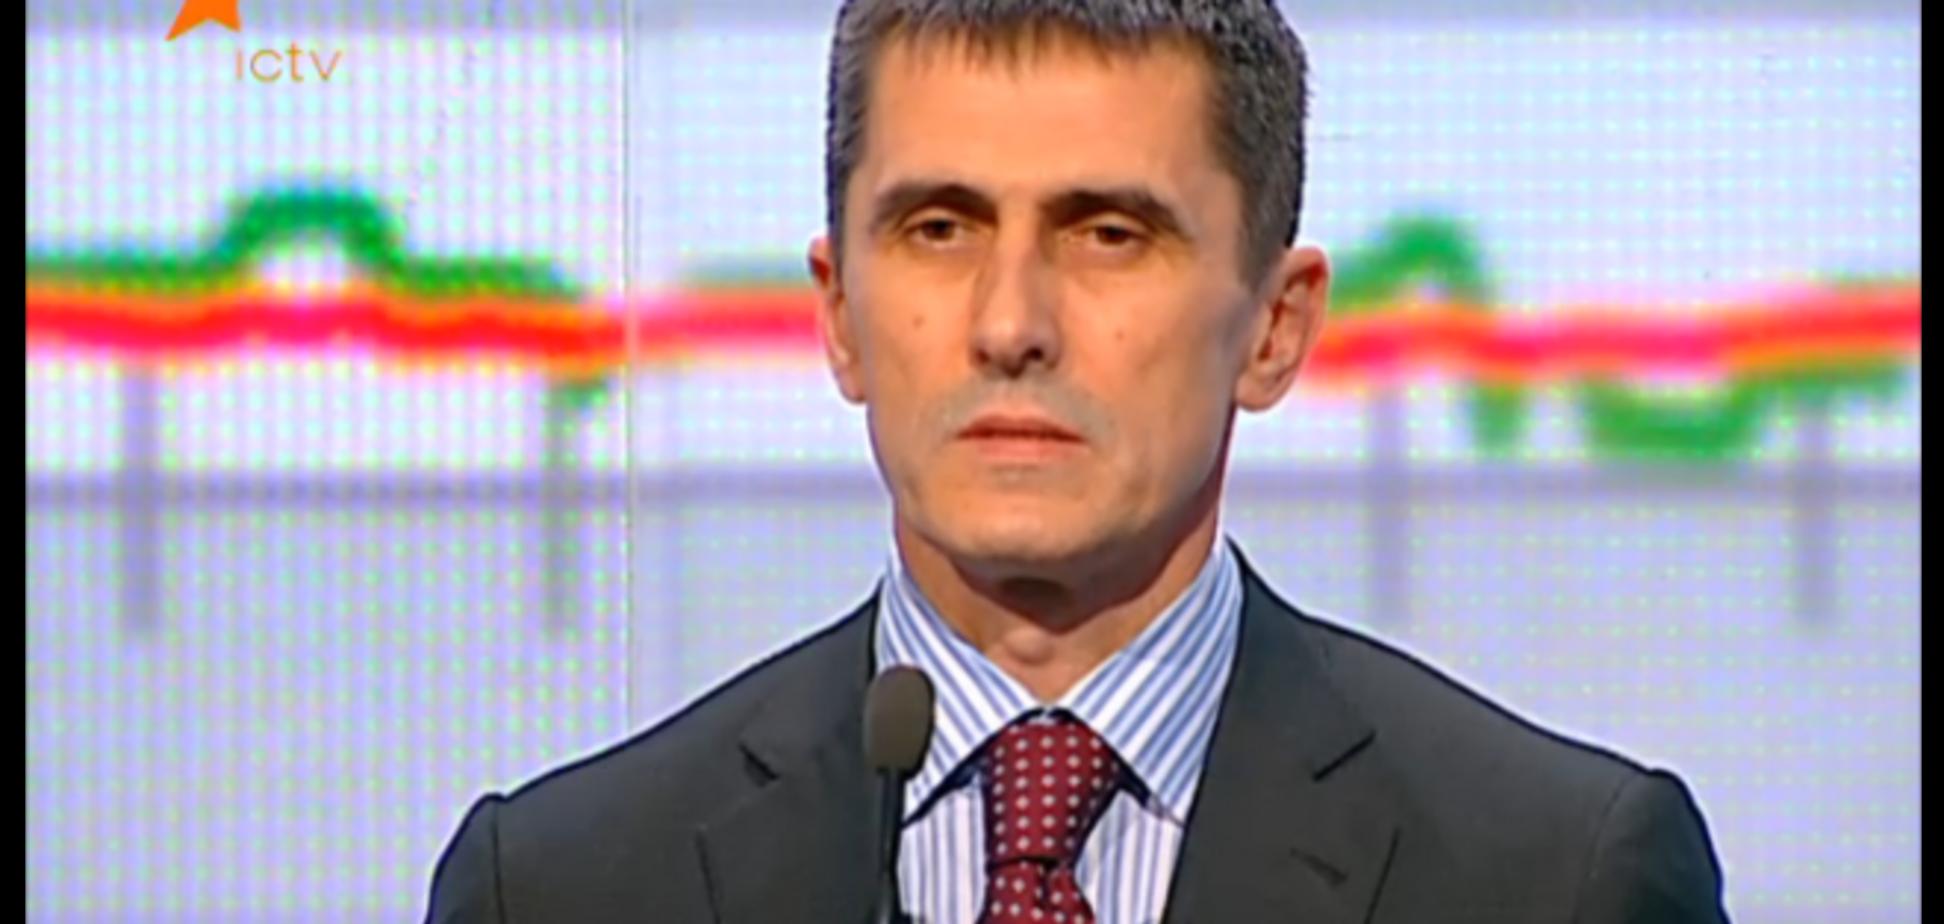 Ярема: согласно мирному плану Порошенко террористам предложат коридор для выхода из Украины